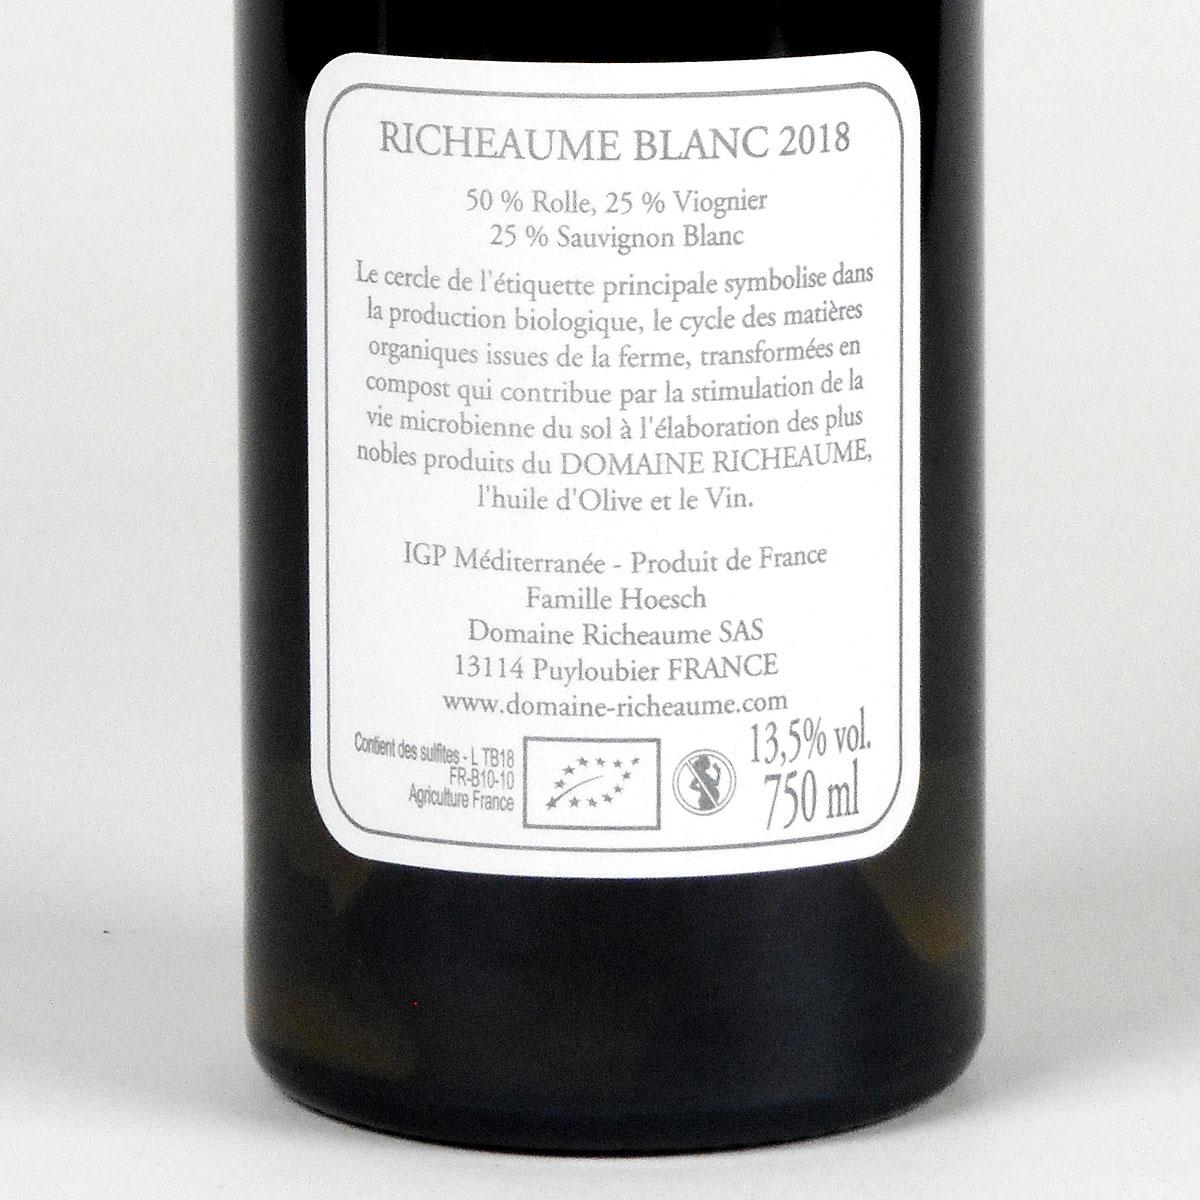 IGP Méditerranée: Domaine Richeaume 'Tradition' Blanc 2018 - Bottle Rear